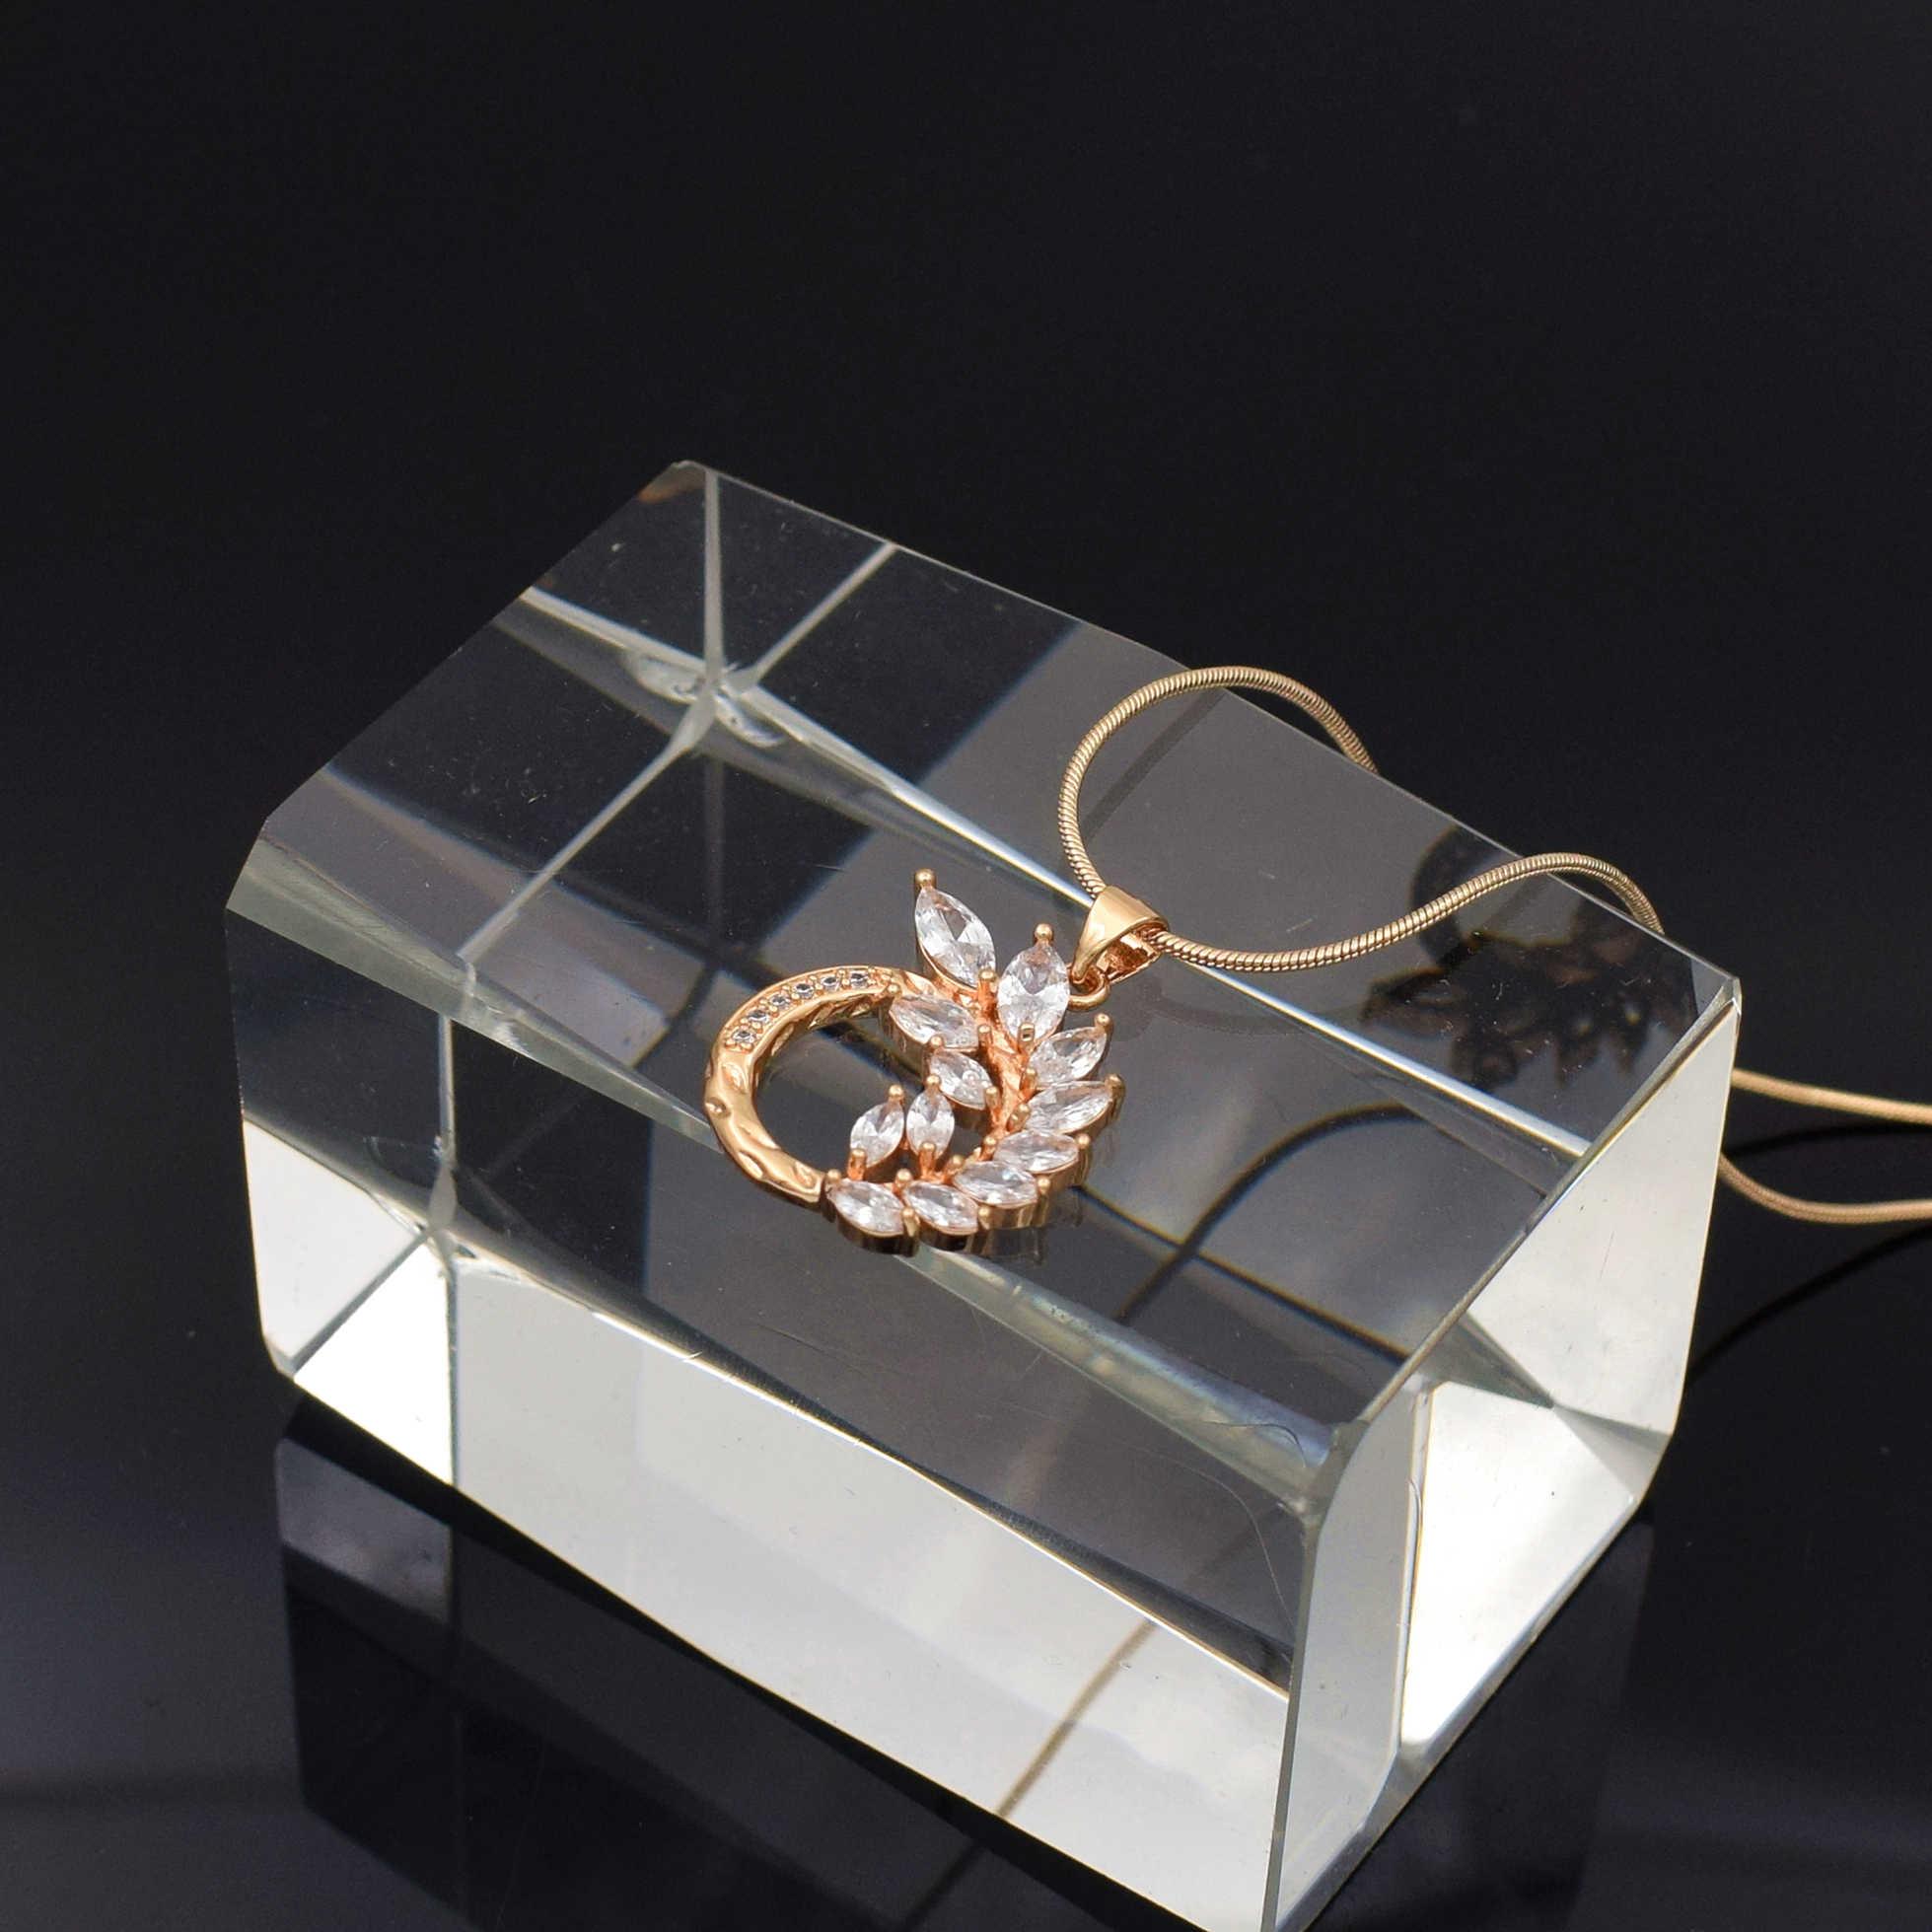 Naszyjnik dla kobiet cyrkonia wisiorek różowe złoto kolor naszyjniki urok kryształ biały kolor naszyjnik łańcuch kobiety biżuteria 2019